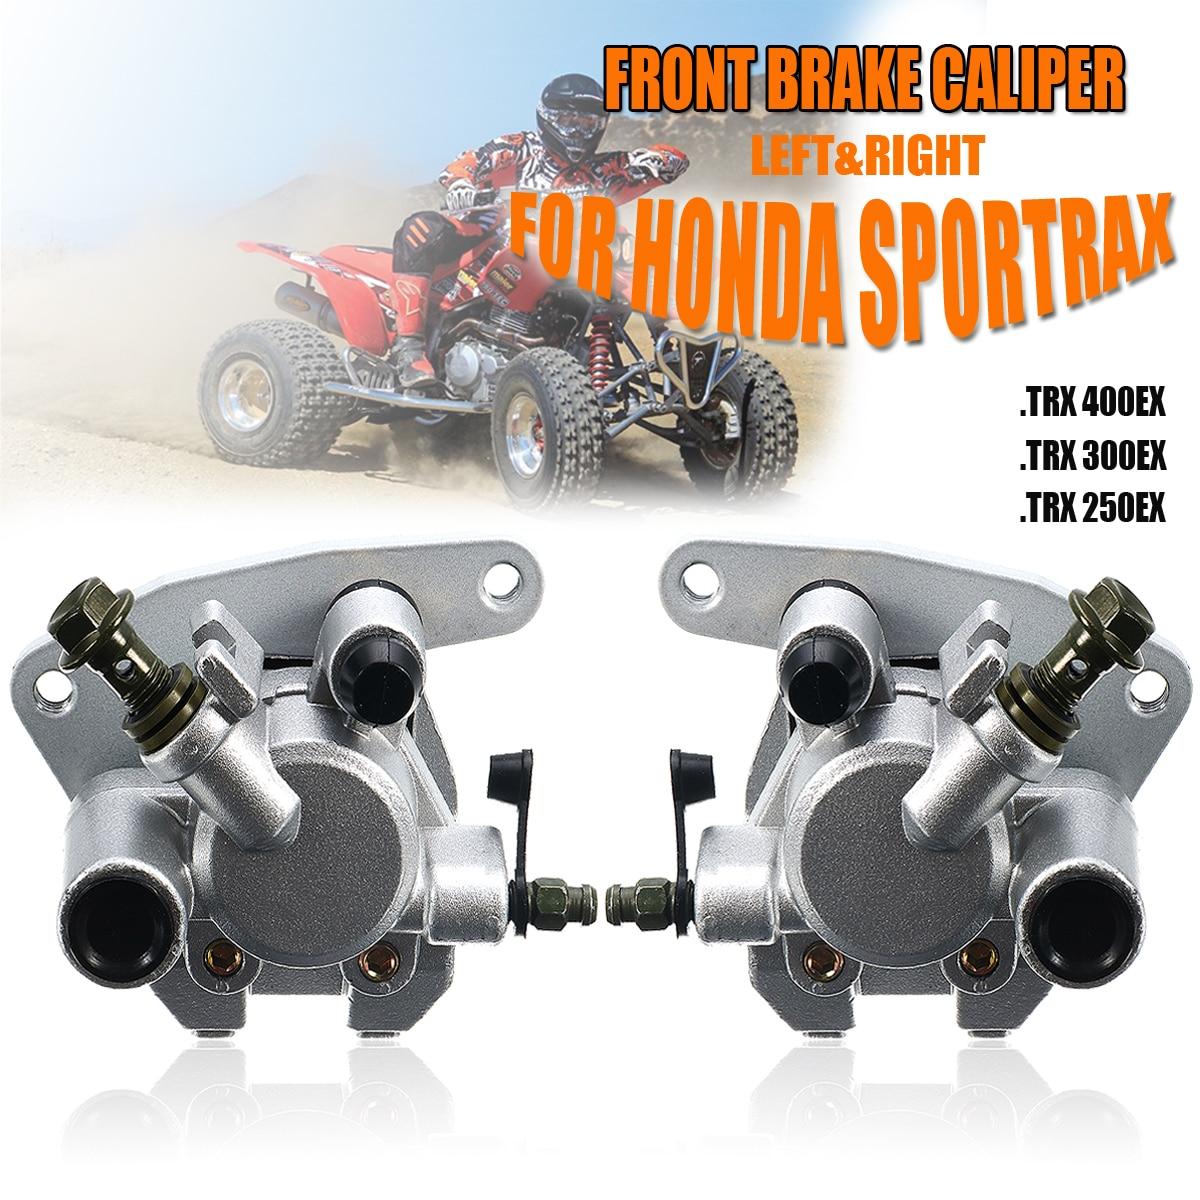 NEW REAR BRAKE CALIPER FIT FOR HONDA SPORTRAX TRX 300EX TRX300EX 1993-2009